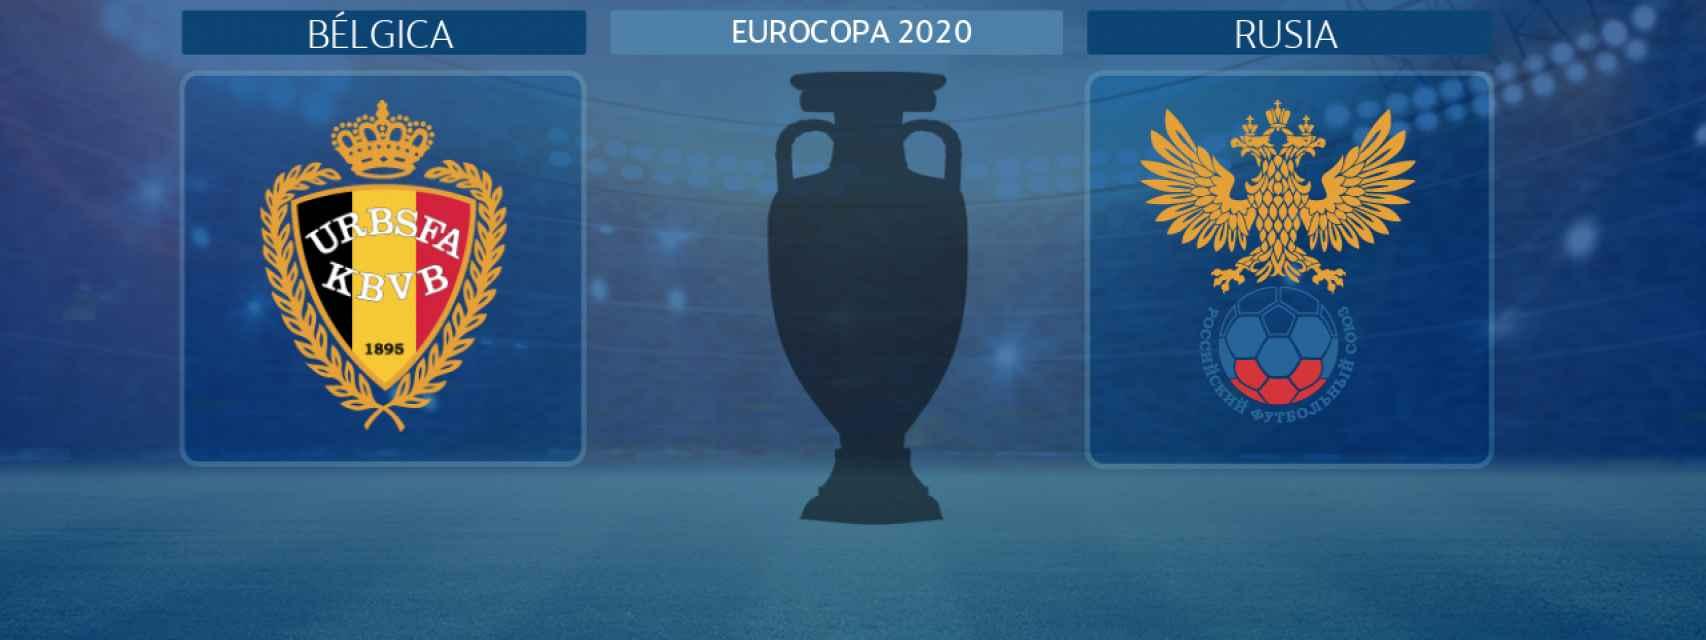 Bélgica - Rusia, partido de la Eurocopa 2020